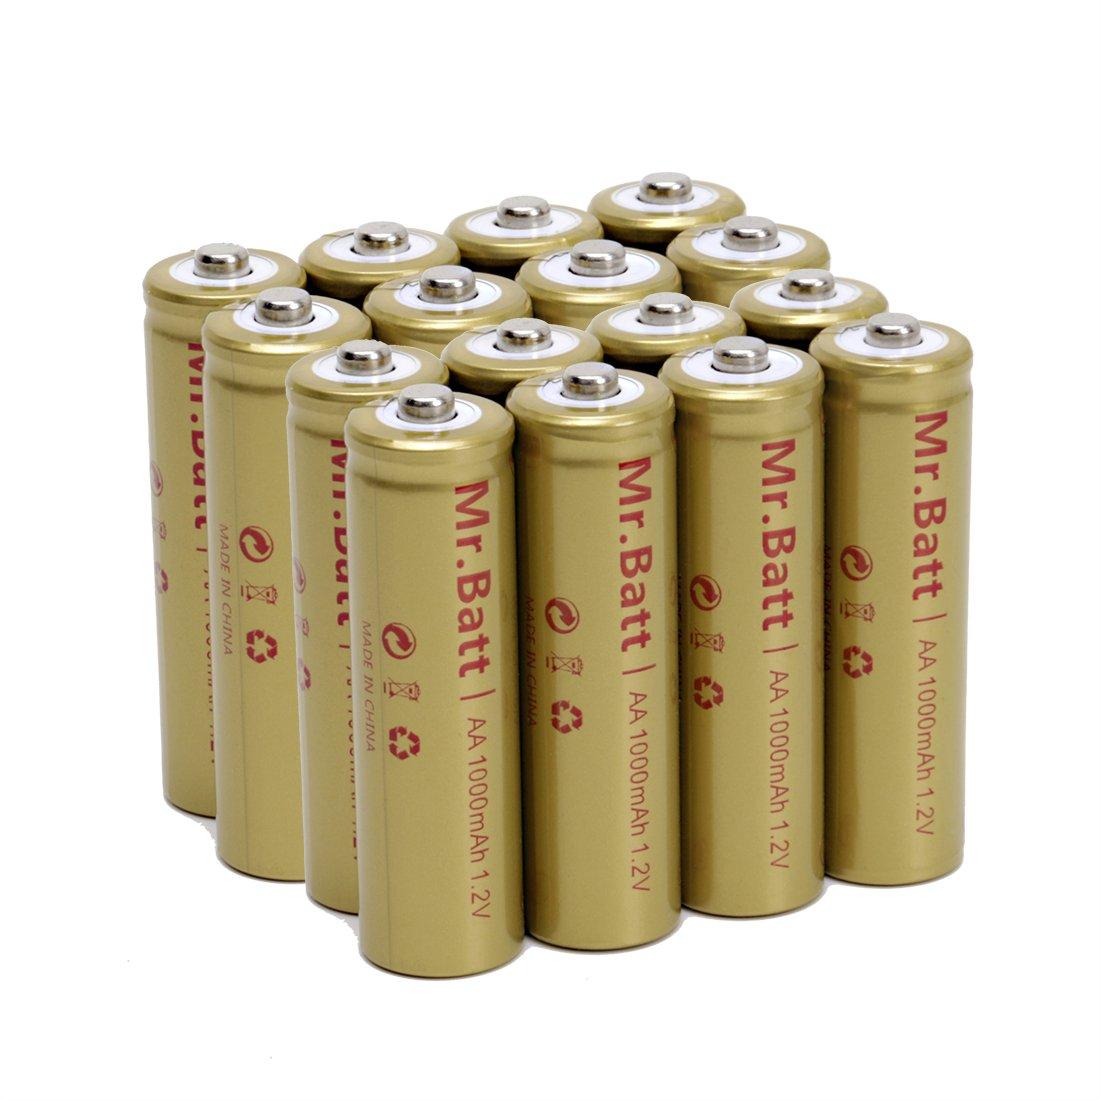 Mr.Batt NiCd AA Rechargeable Batteries for Solar Lights, 1000mAh, 1.2V, 16 Pack by Mr.Batt